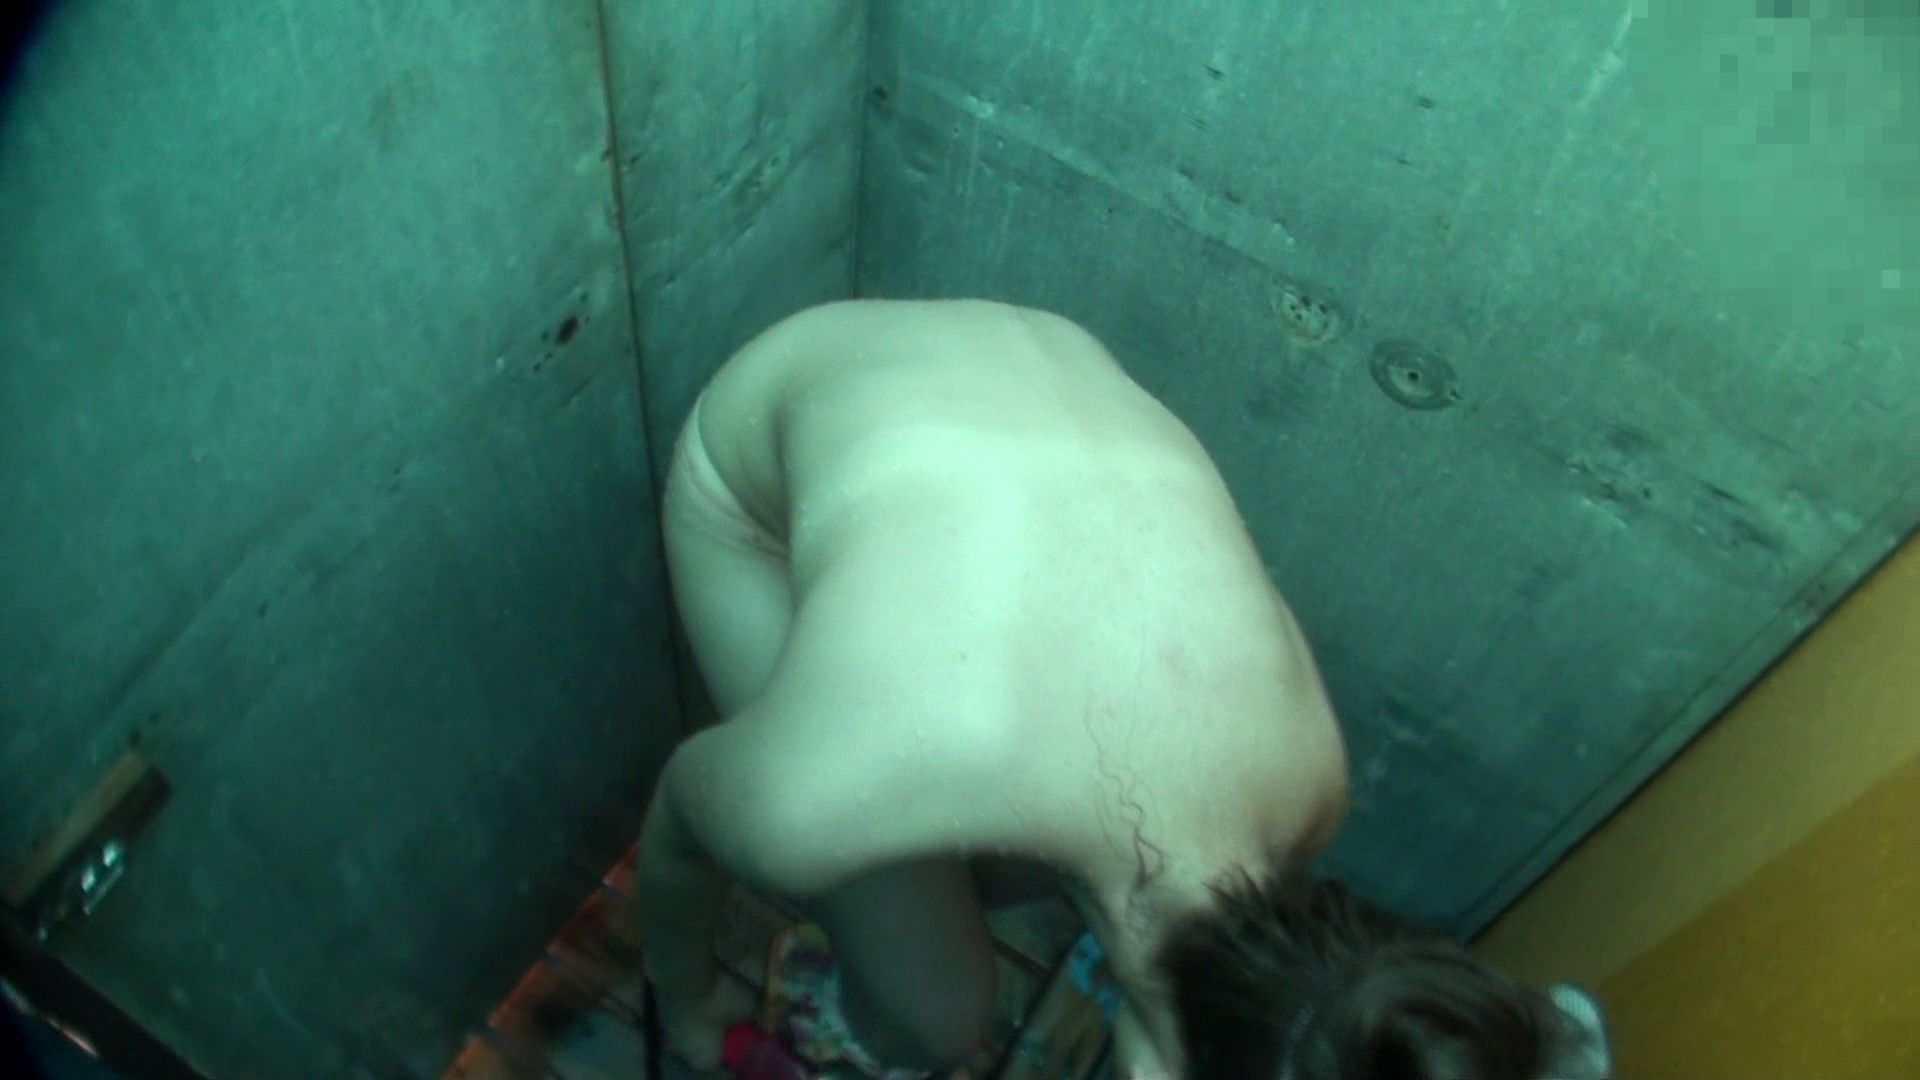 シャワールームは超!!危険な香りVol.6 超至近距離から彼女を凝視!! OLヌード天国  82PIX 63